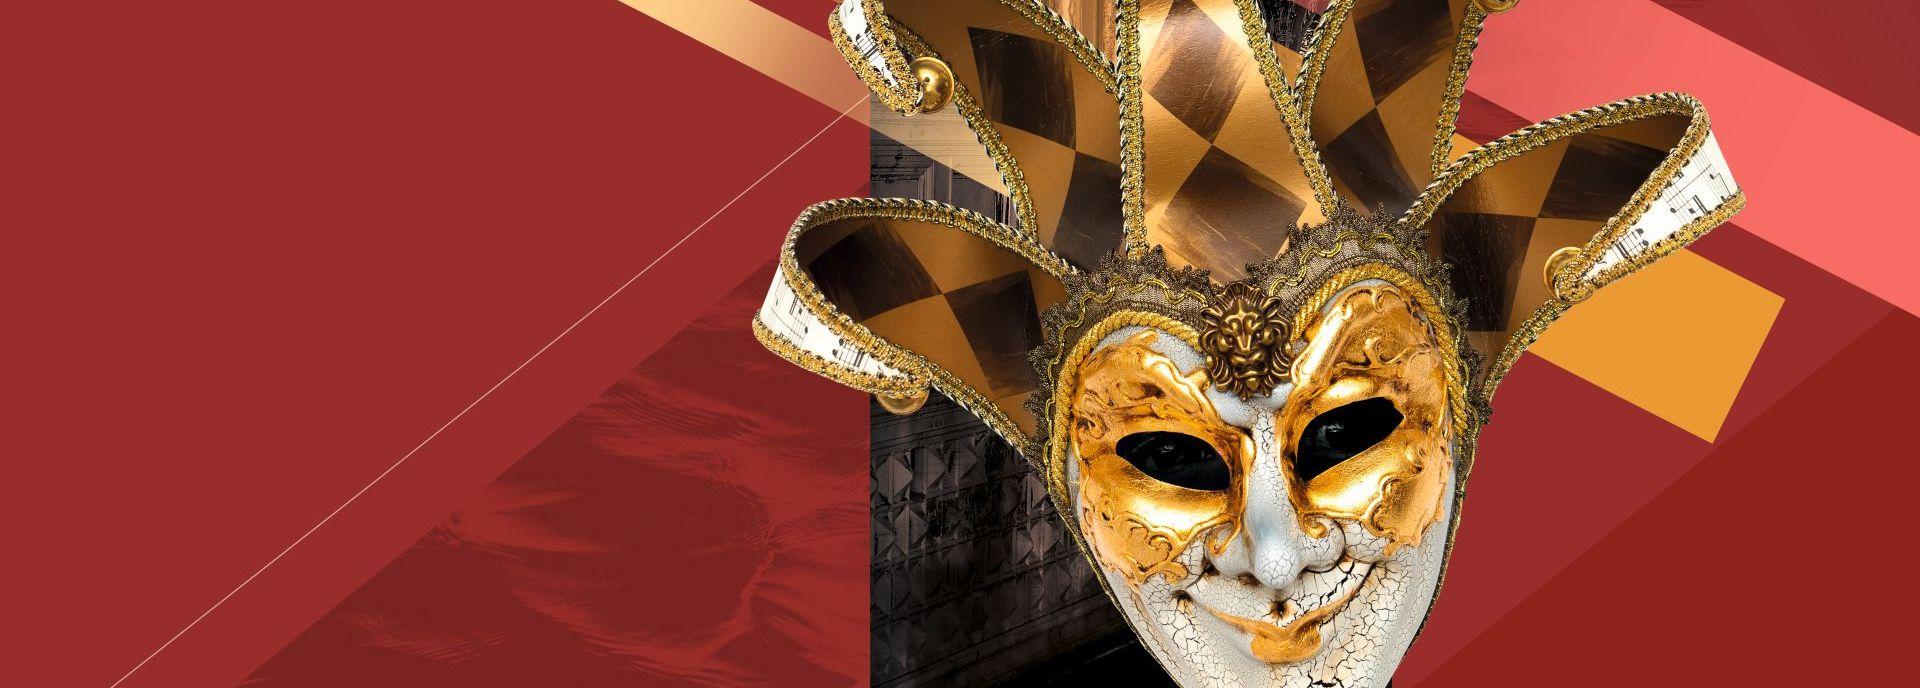 Rigoletto - Charkov City Opera & Ballet 2022